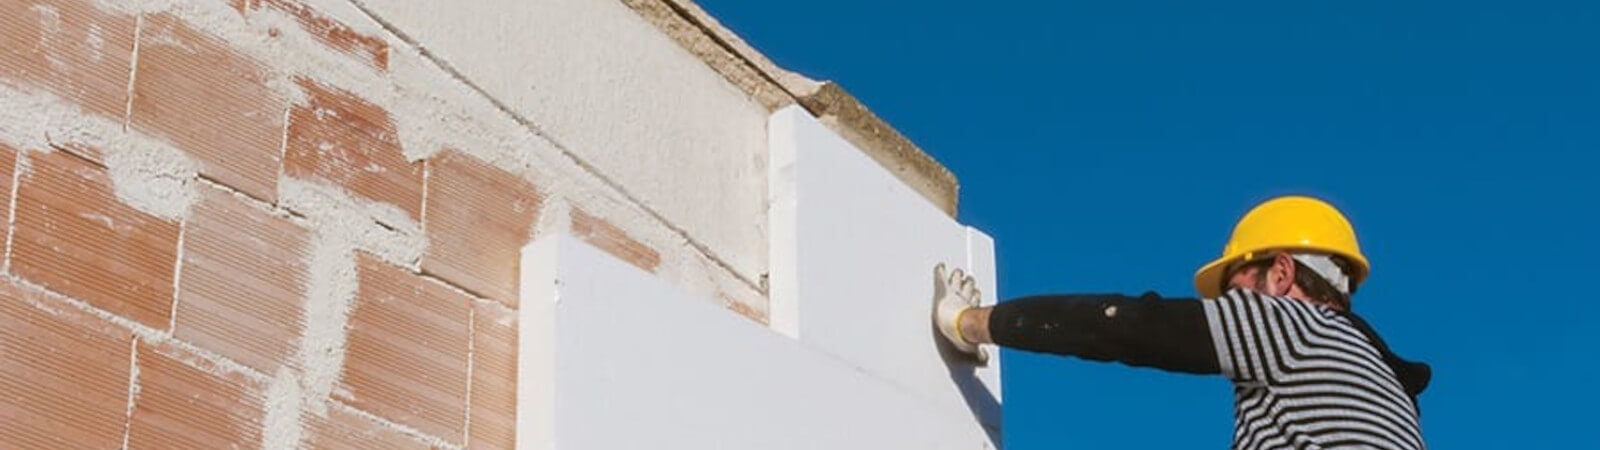 Как утеплять стены пенопластом: полезные советы